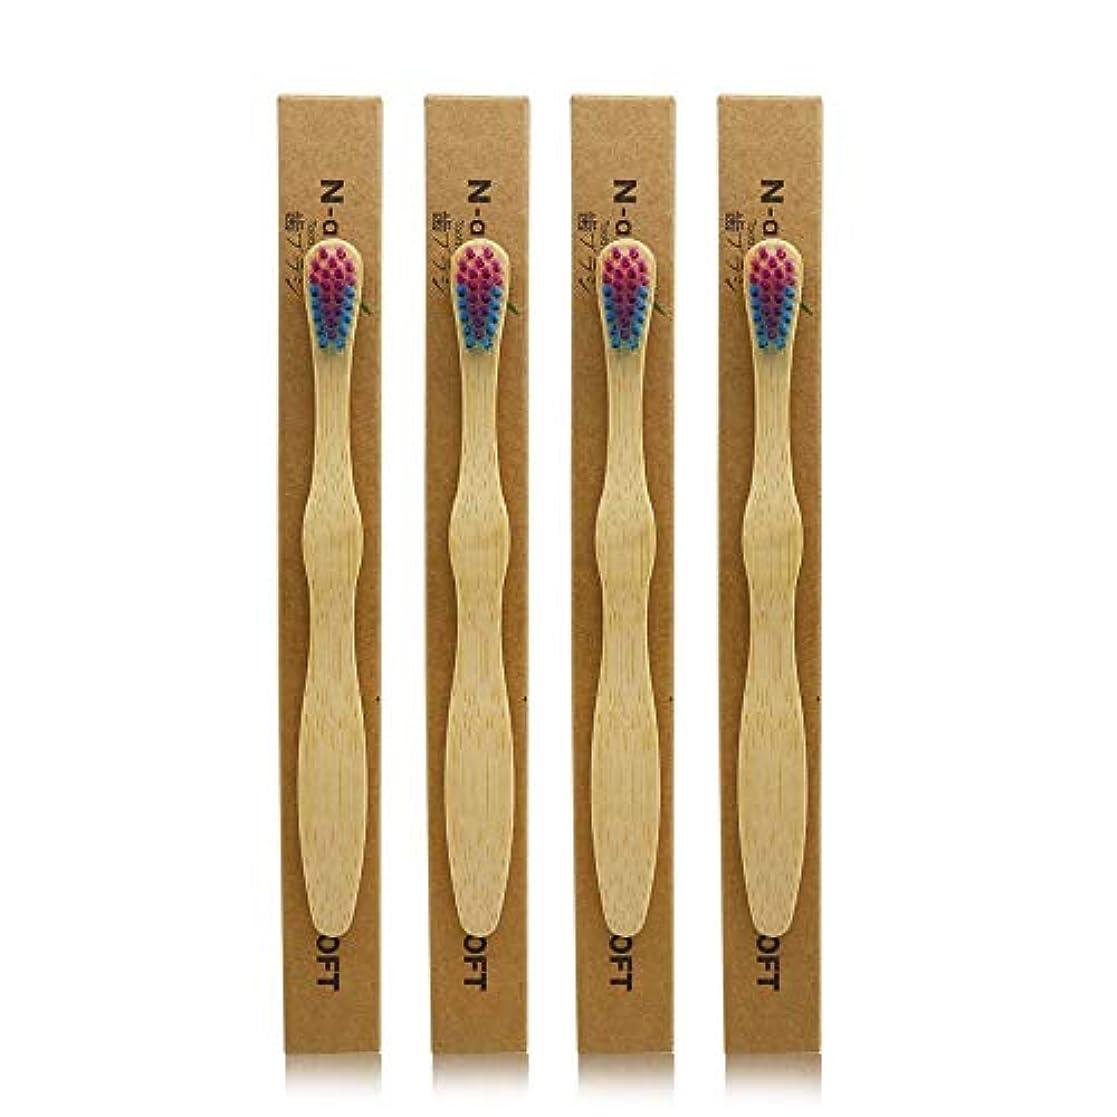 配管工何故なの寛解N-amboo 竹製耐久度高い 子供 歯ブラシ エコ 4本入り セット むらさきいろ